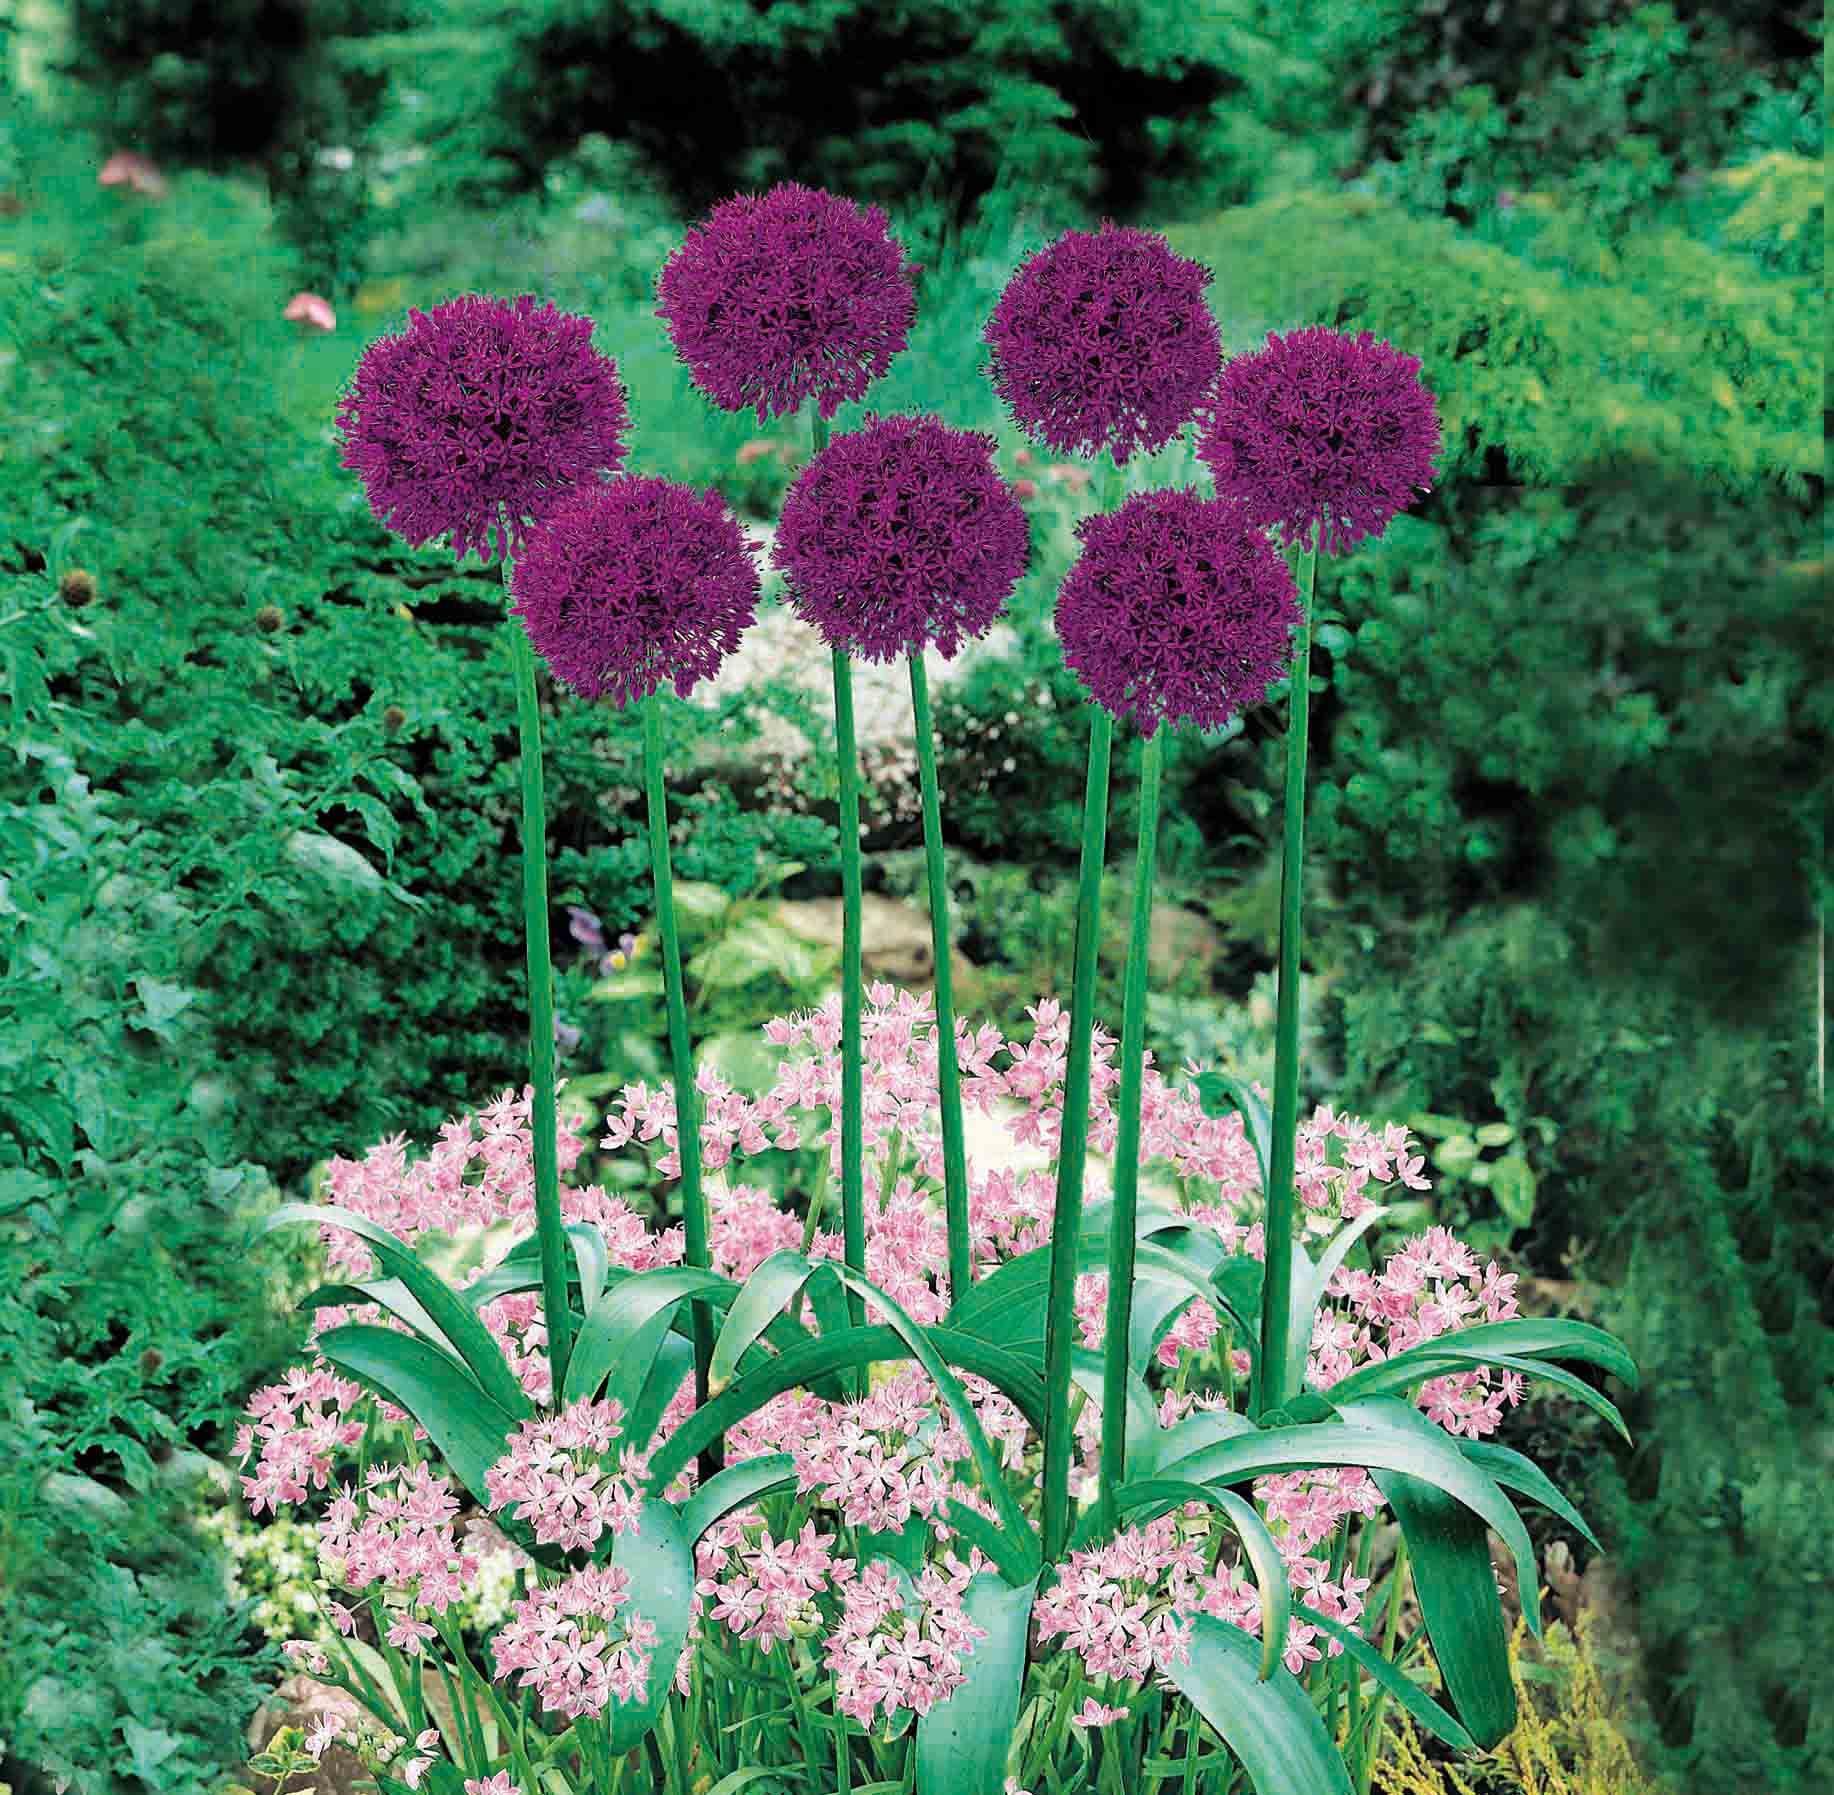 Allium Purple flowers garden, Spring garden flowers